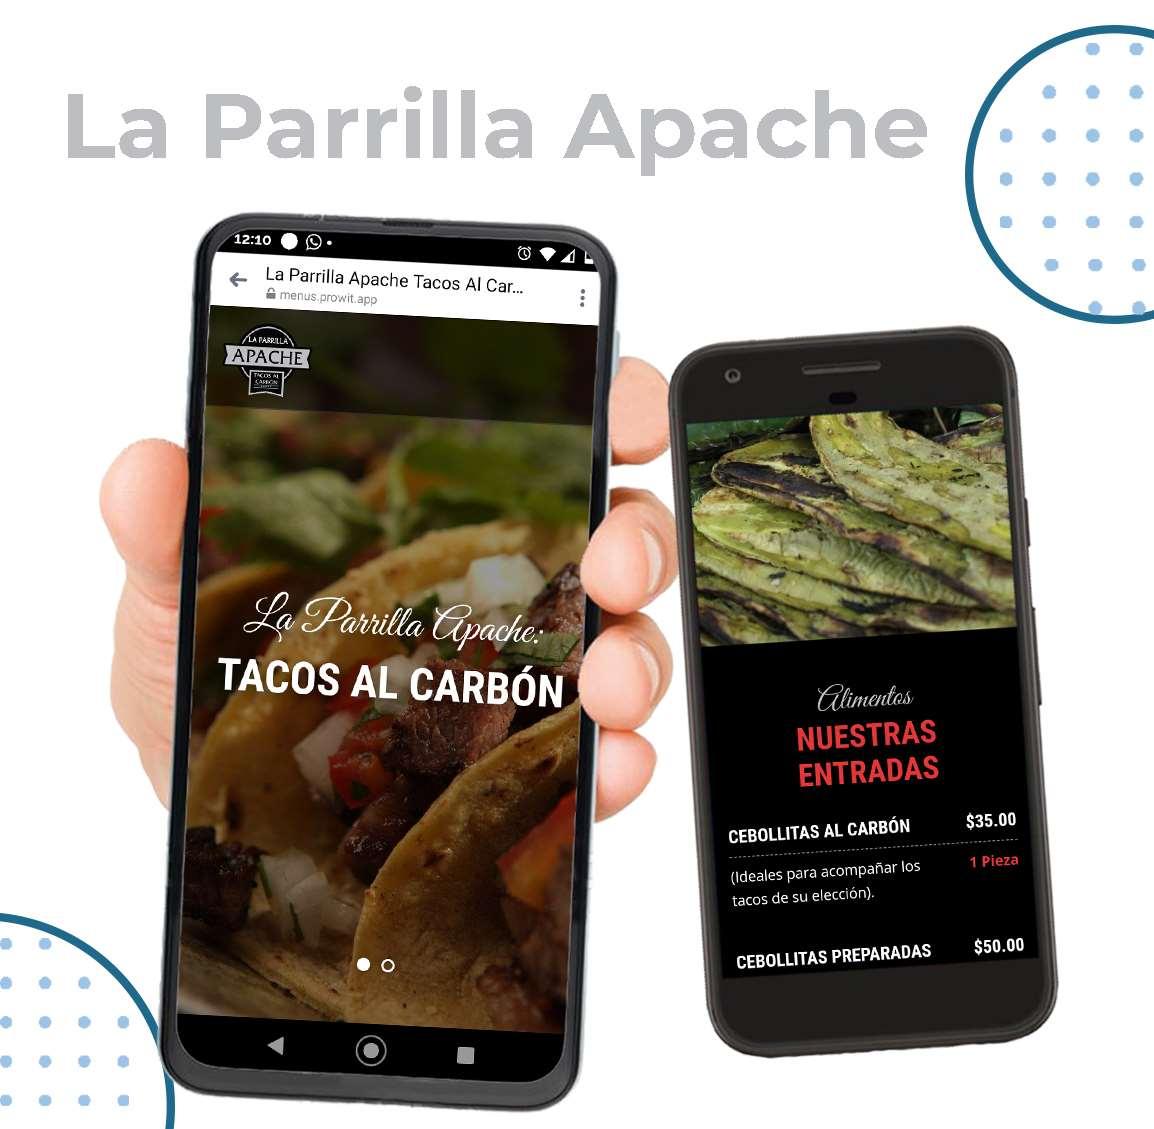 La Parrilla Apache